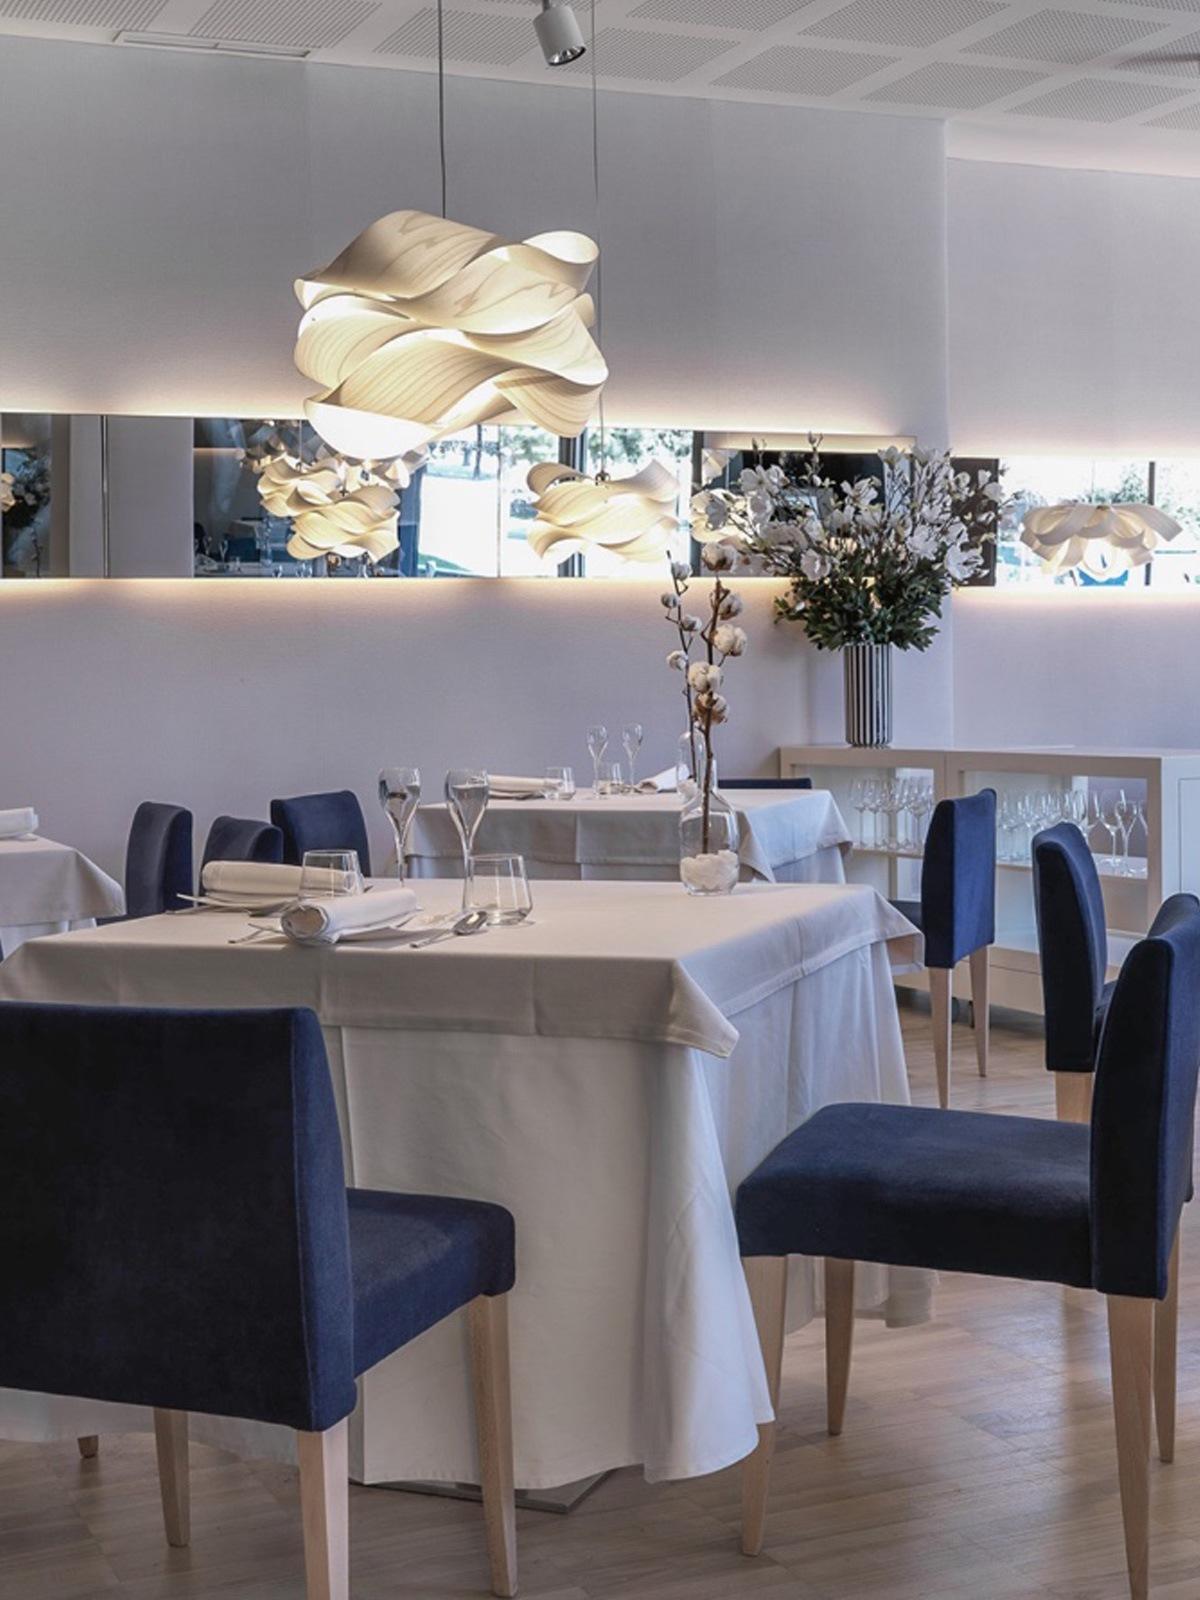 LZF Link Pendelleuchte Deko Gastronomie Designort Berlin Lampen